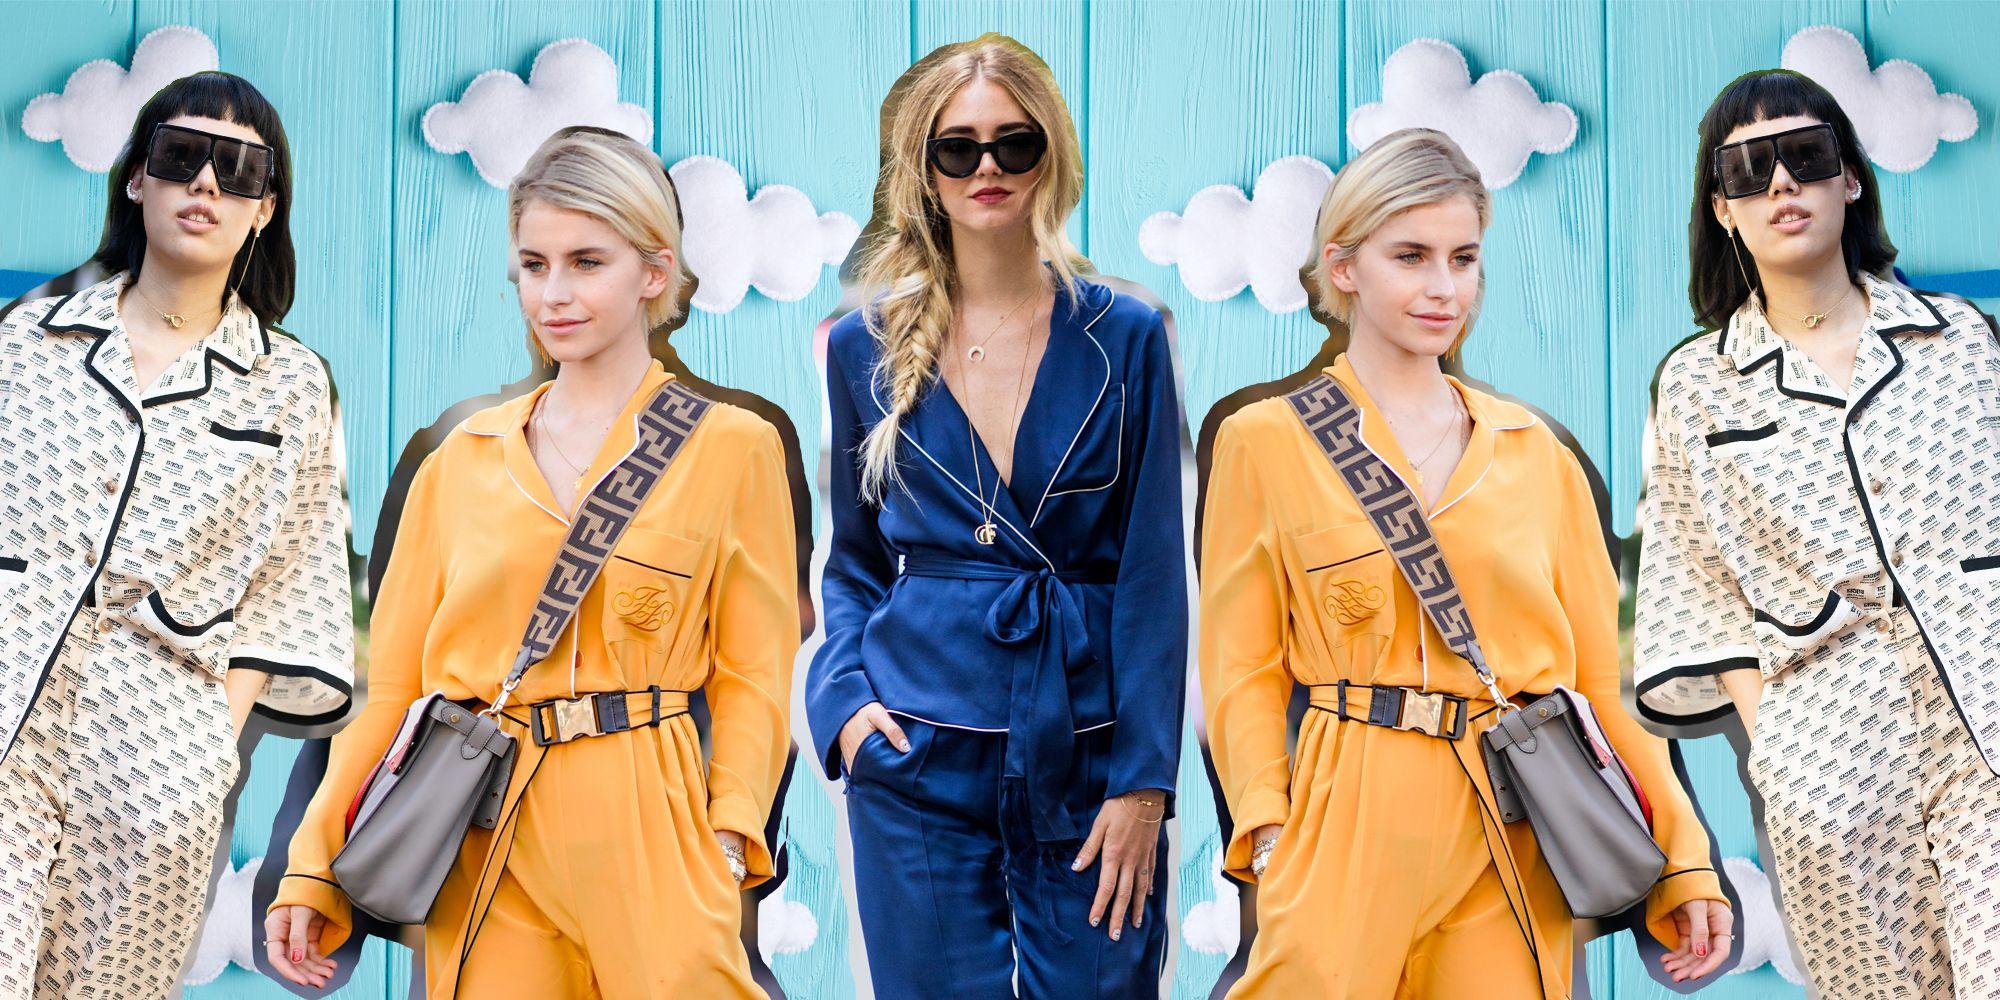 Un pigiama come un tailleur elegante: è questo il trend moda dell'inverno 2019 da seguire a occhi chiusi con i trucchi per non sembrare appena uscita dal letto vero, tipo niente pigiama unicorni.